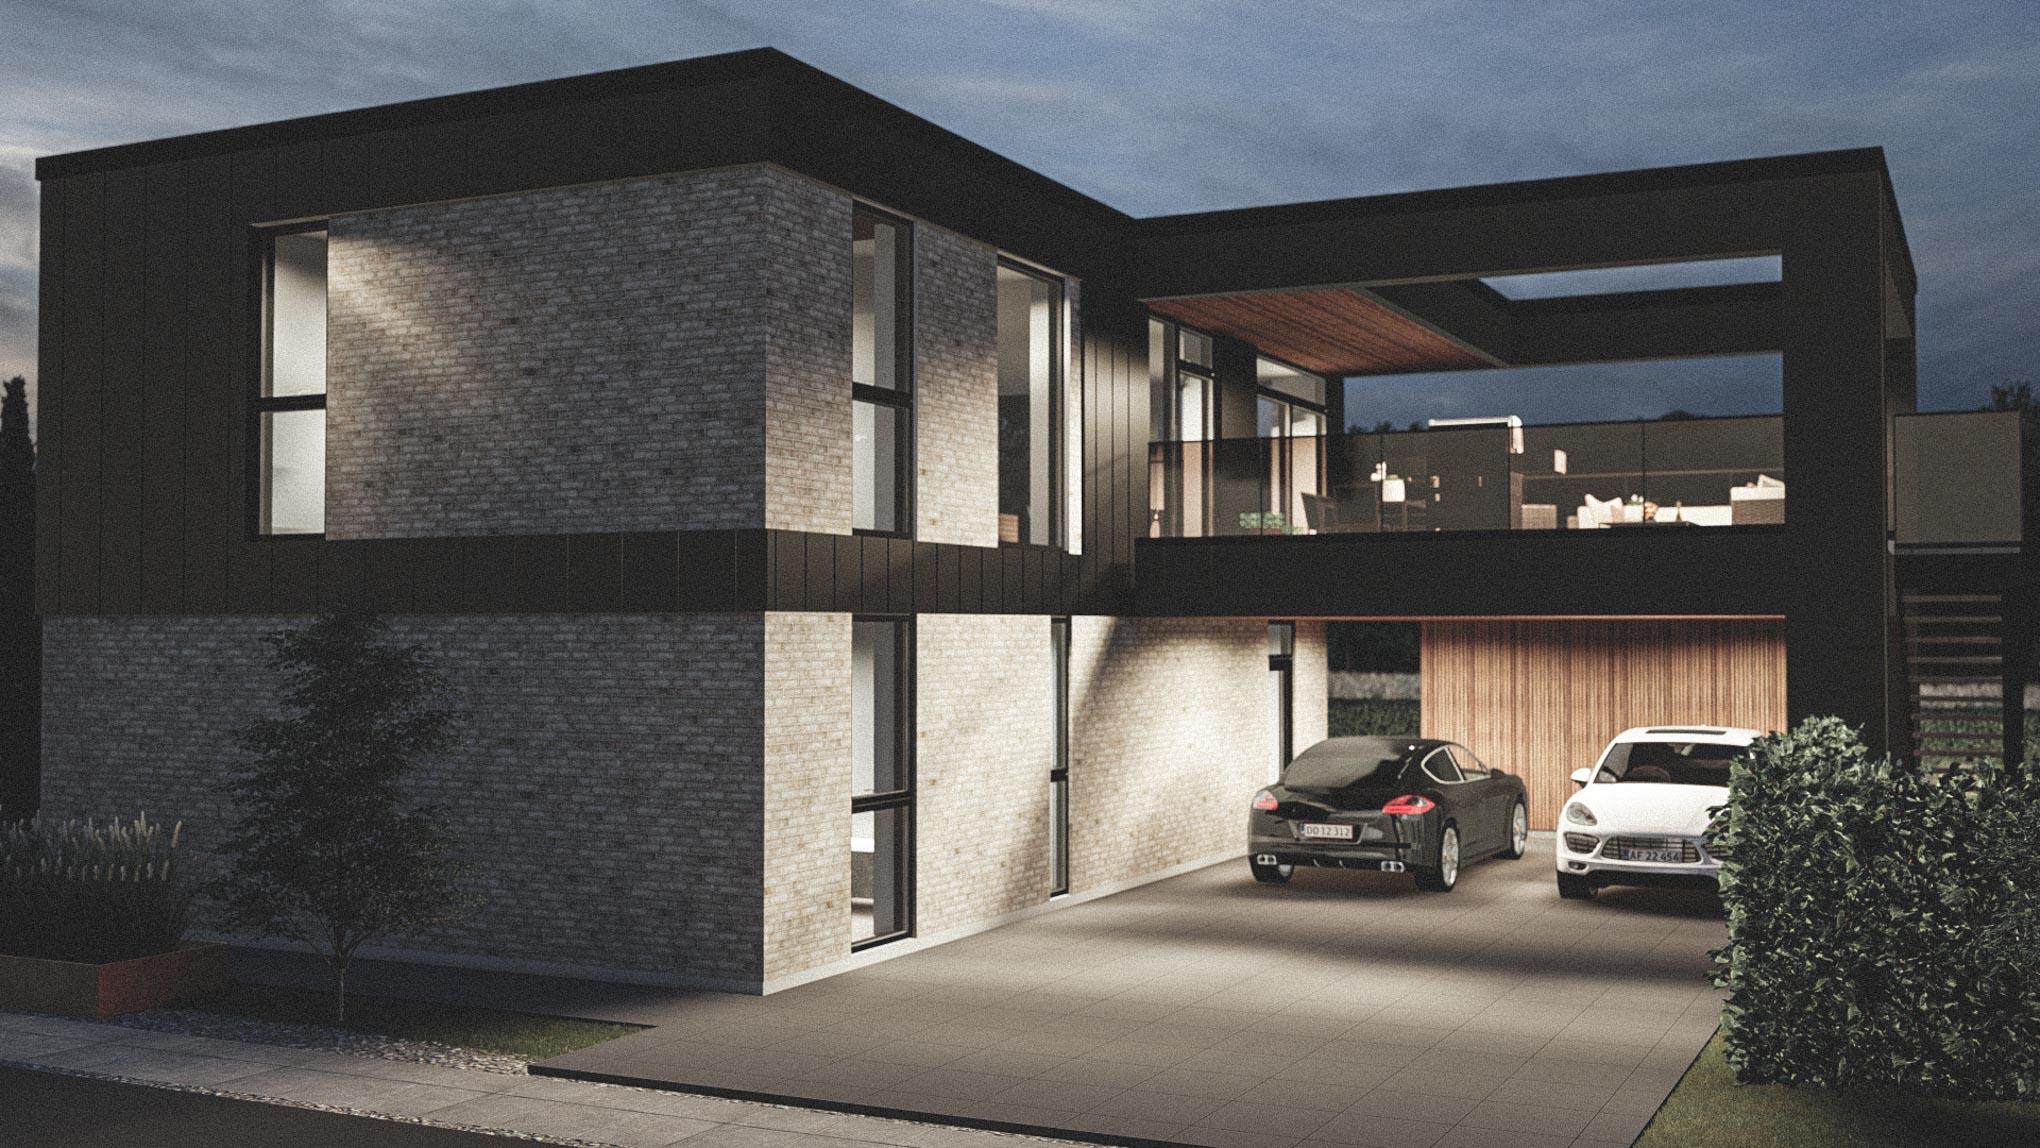 Billede af et arkitekt tegnet projektforslag af ny drømme villa i Ringsted, af det danske arkitektfirma m2plus